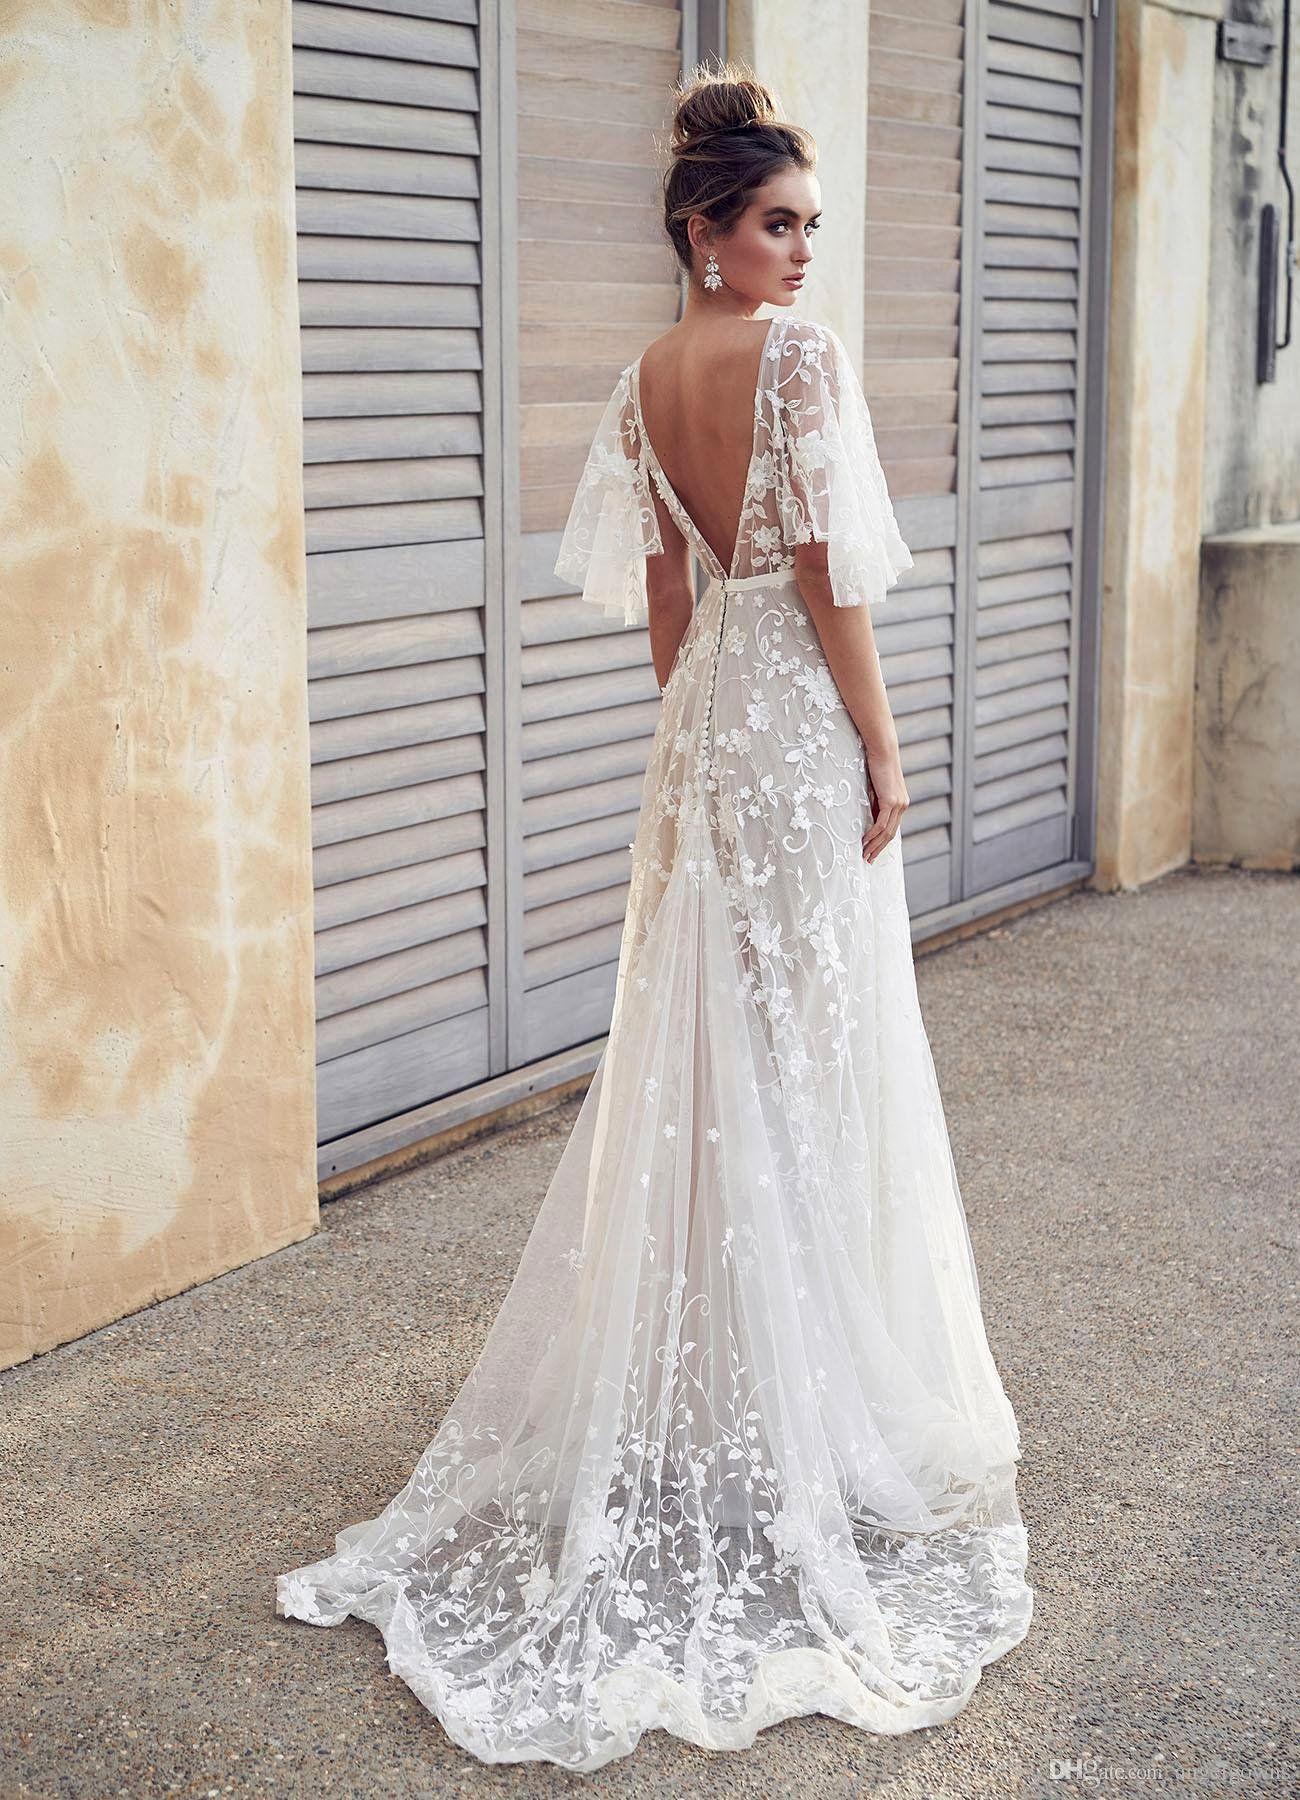 Lace Strap Wedding Dress Fresh Y Backless Beach Boho Lace Wedding Dresses A Line New 2019 Appliqu Boho Wedding Dress Lace Wedding Dress Trends Backless Wedding